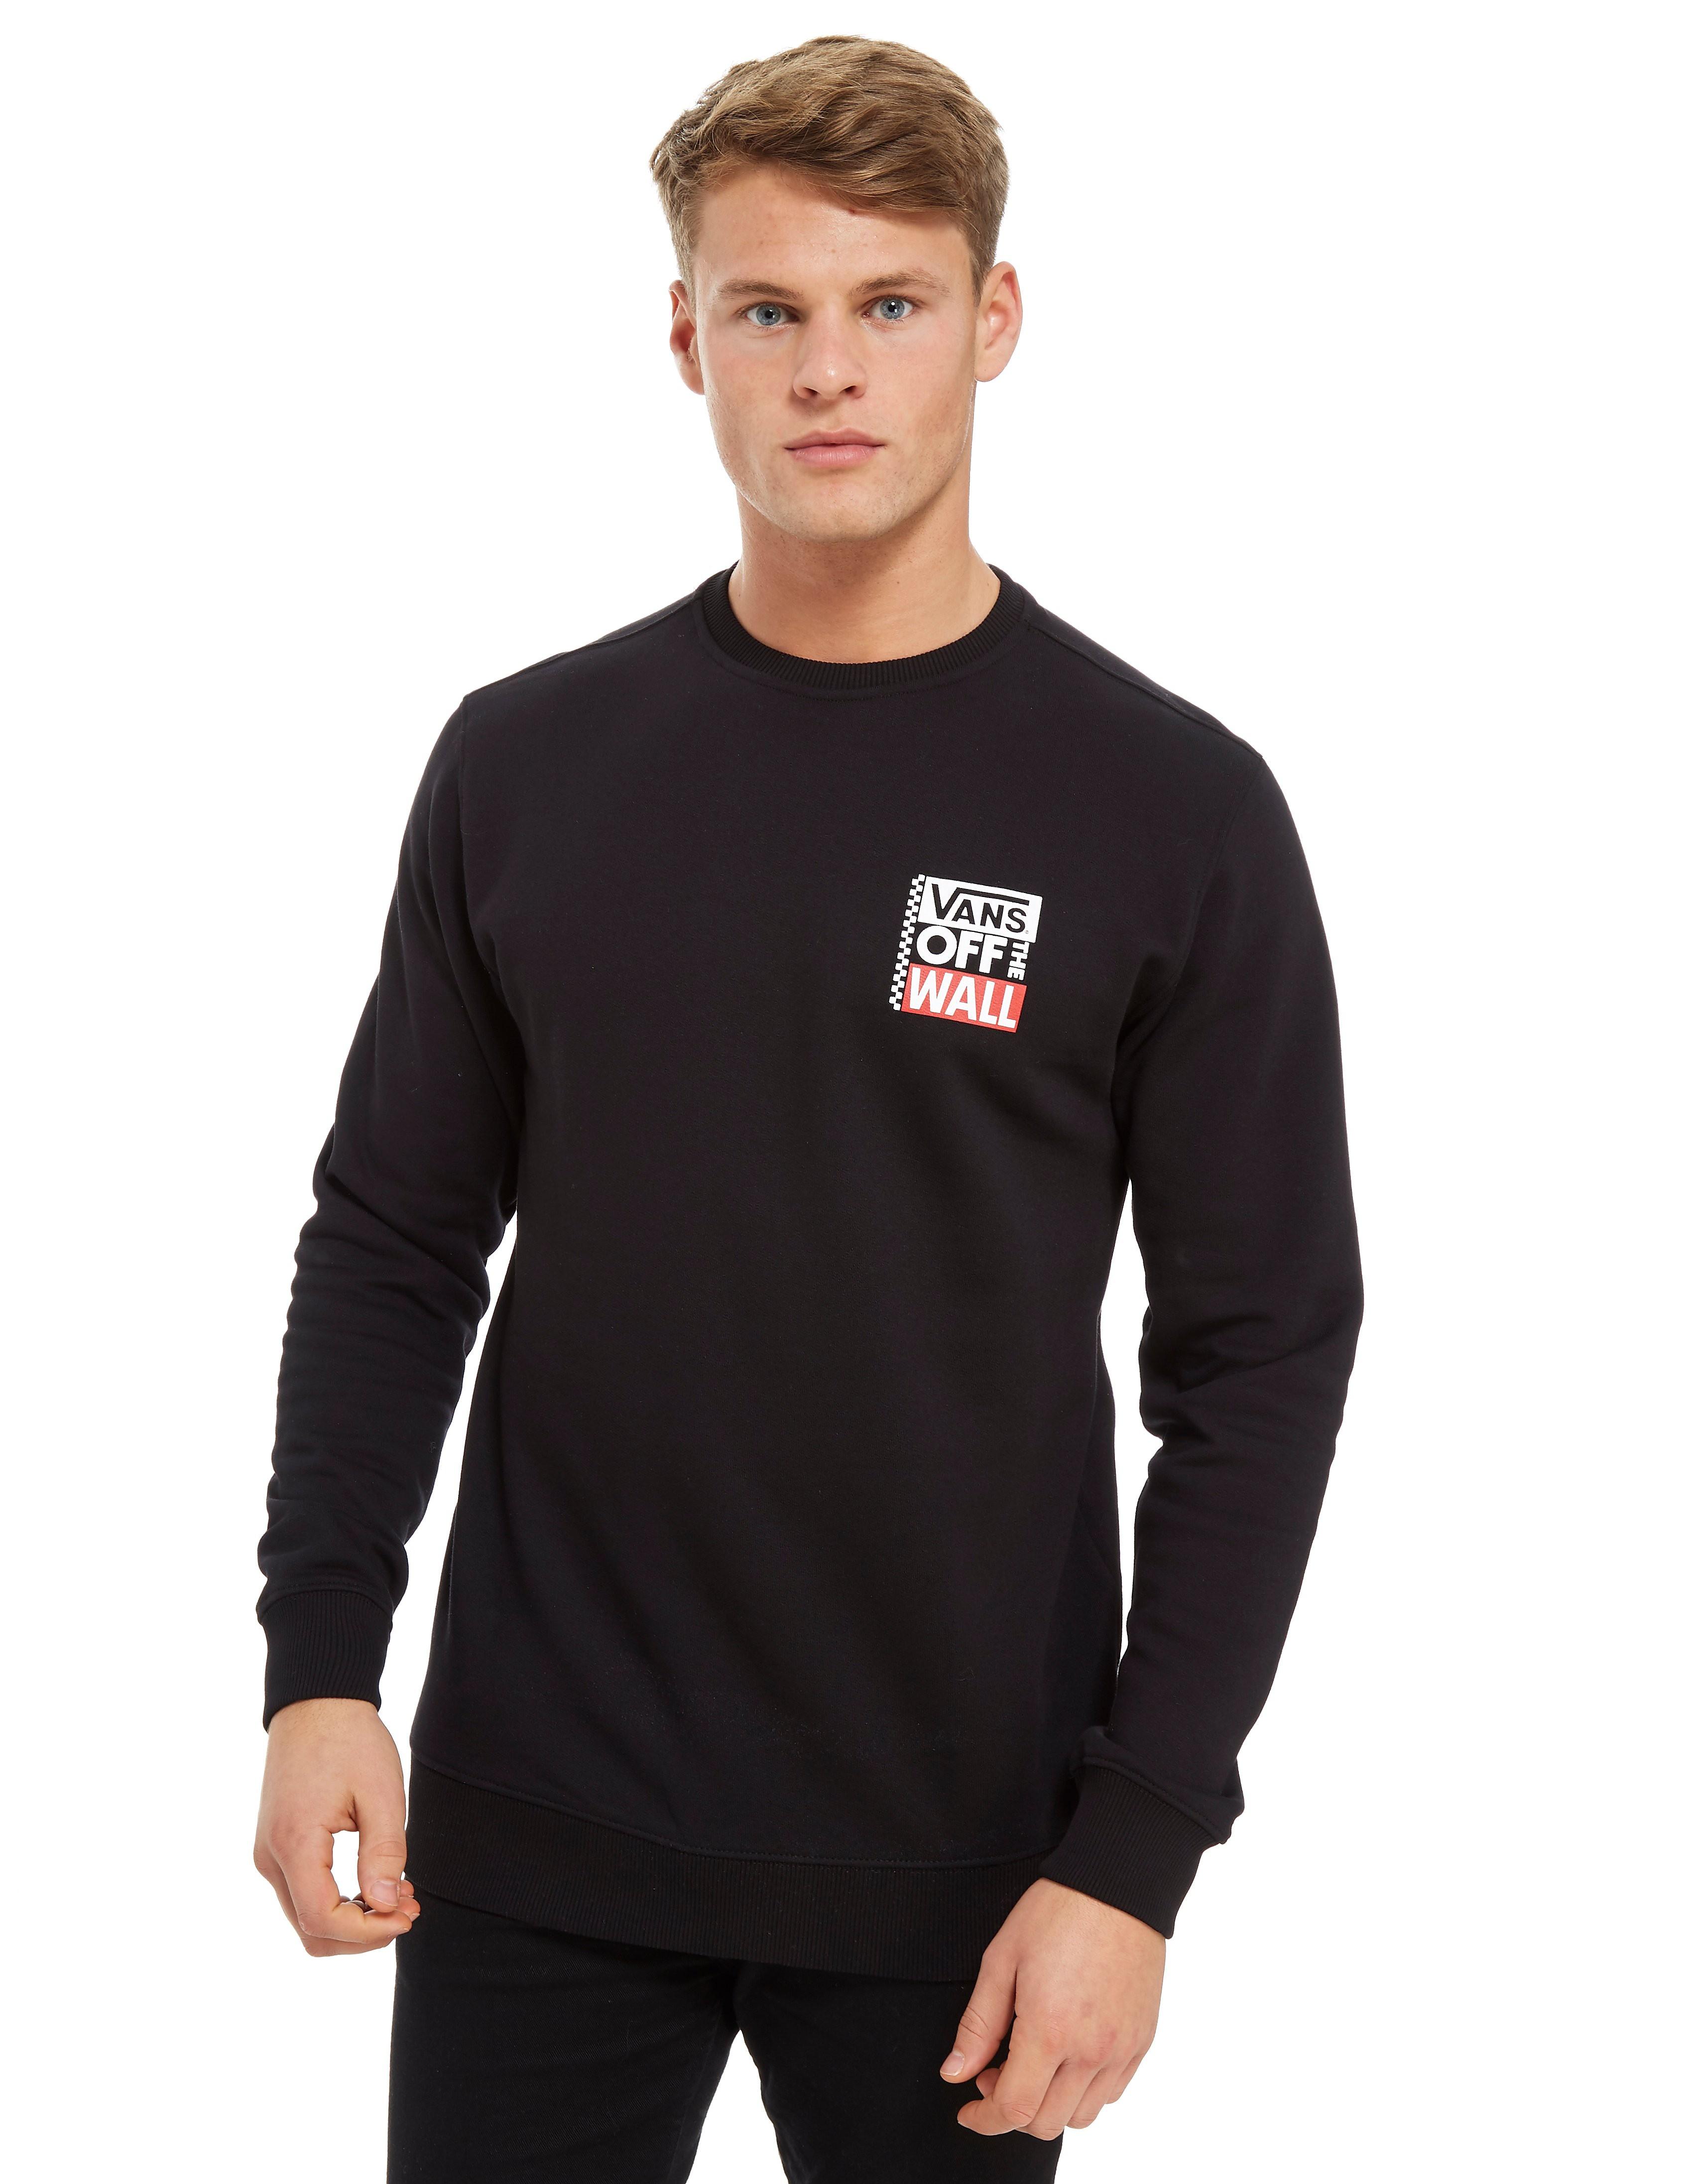 Vans Back Logo Sweatshirt